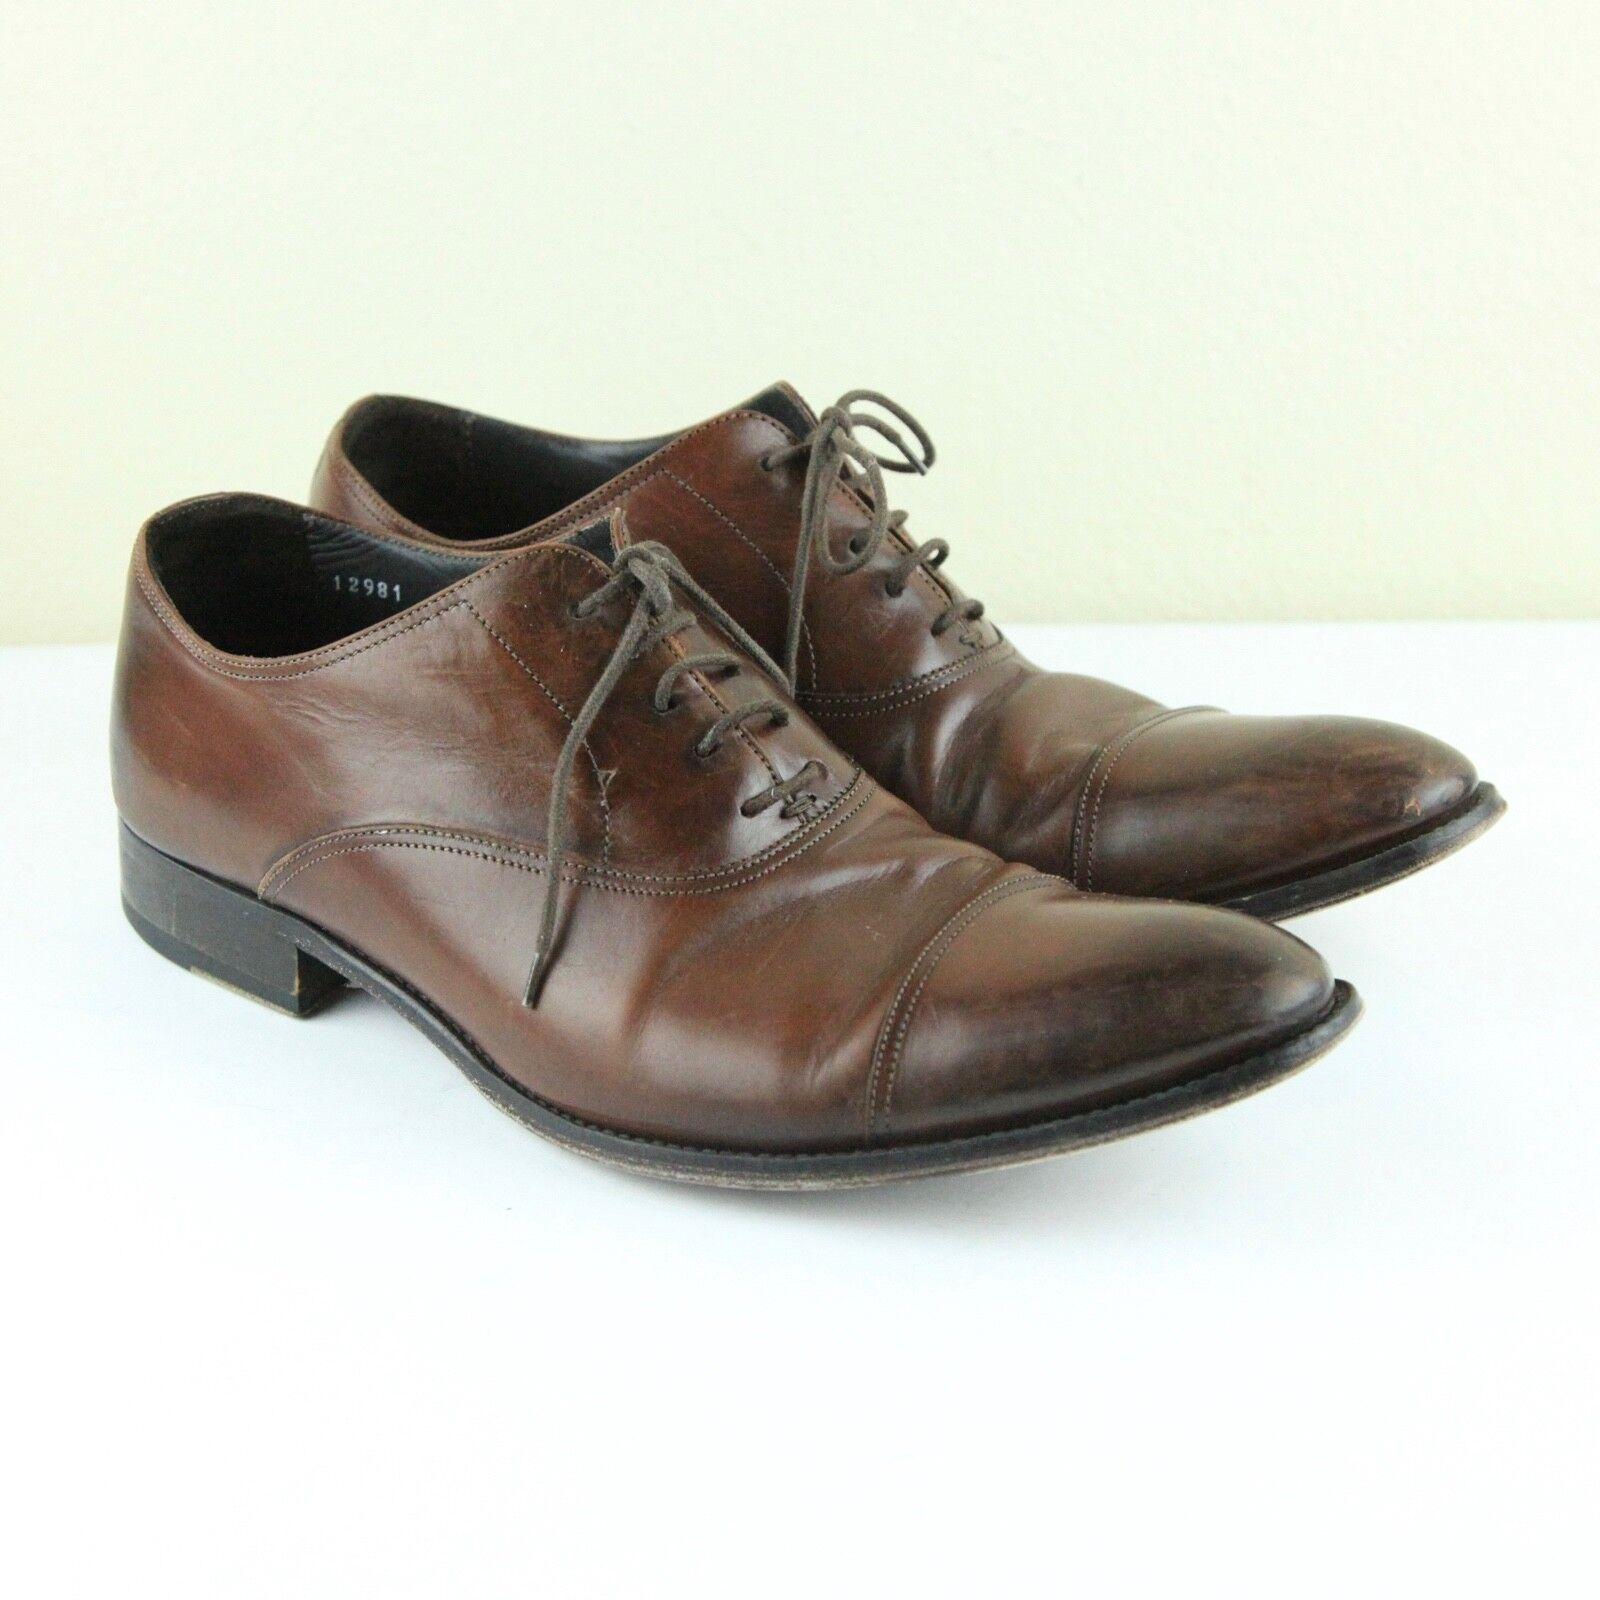 comprare a buon mercato To avvio New New New York Brandon Cap Toe Oxford 9 1 2 Cognac Marrone Leather scarpe Lace Up  negozi al dettaglio